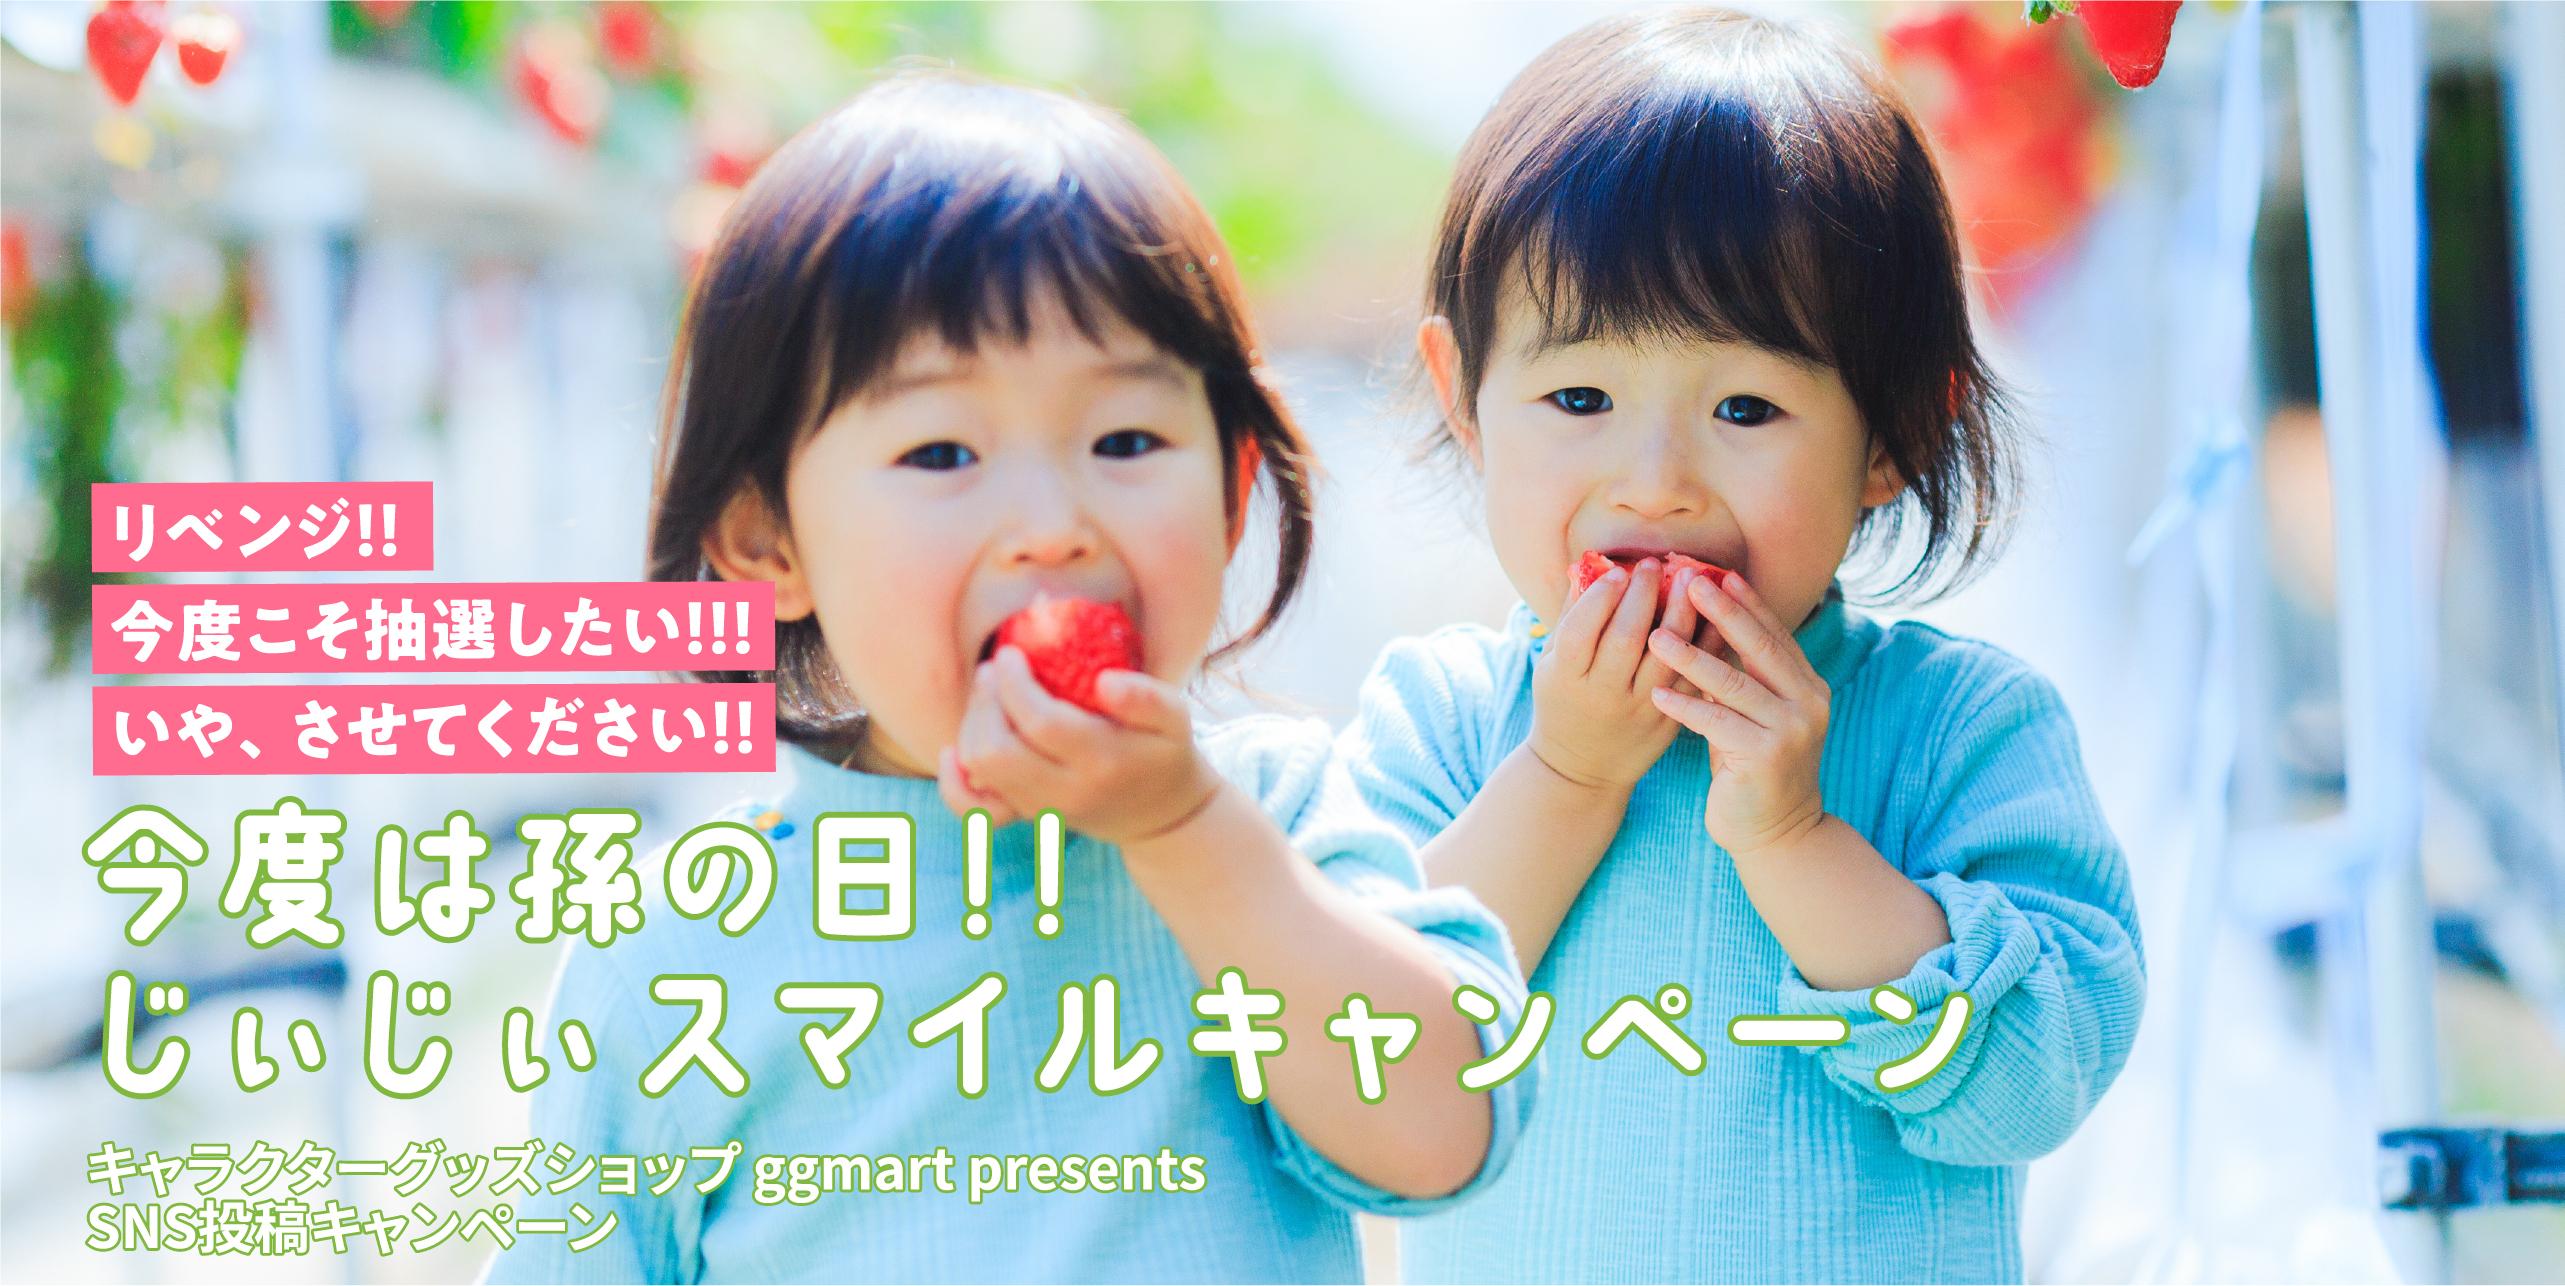 今度は孫の日!!じぃじぃスマイルキャンペーン